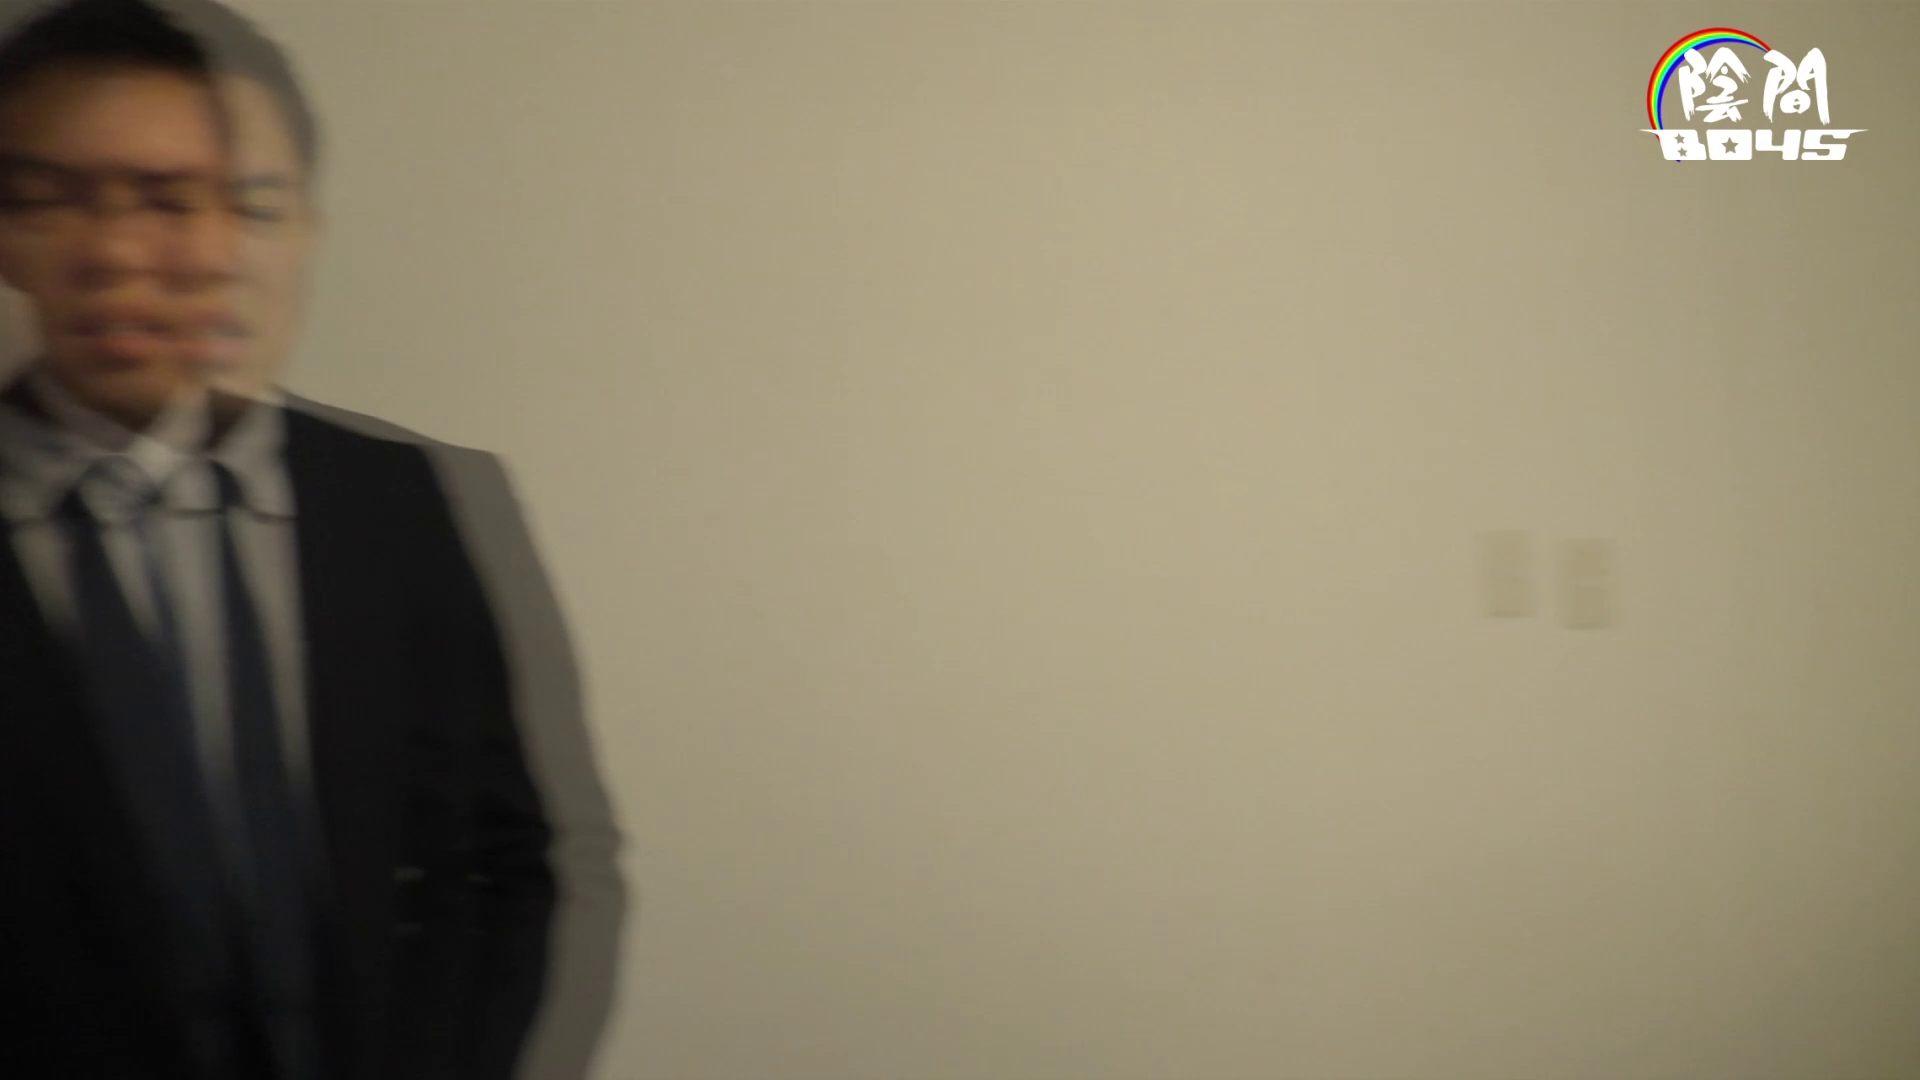 アナルで営業ワン・ツー・ スリーpart2 Vol.1 男の世界 ちんぽ画像 51画像 38